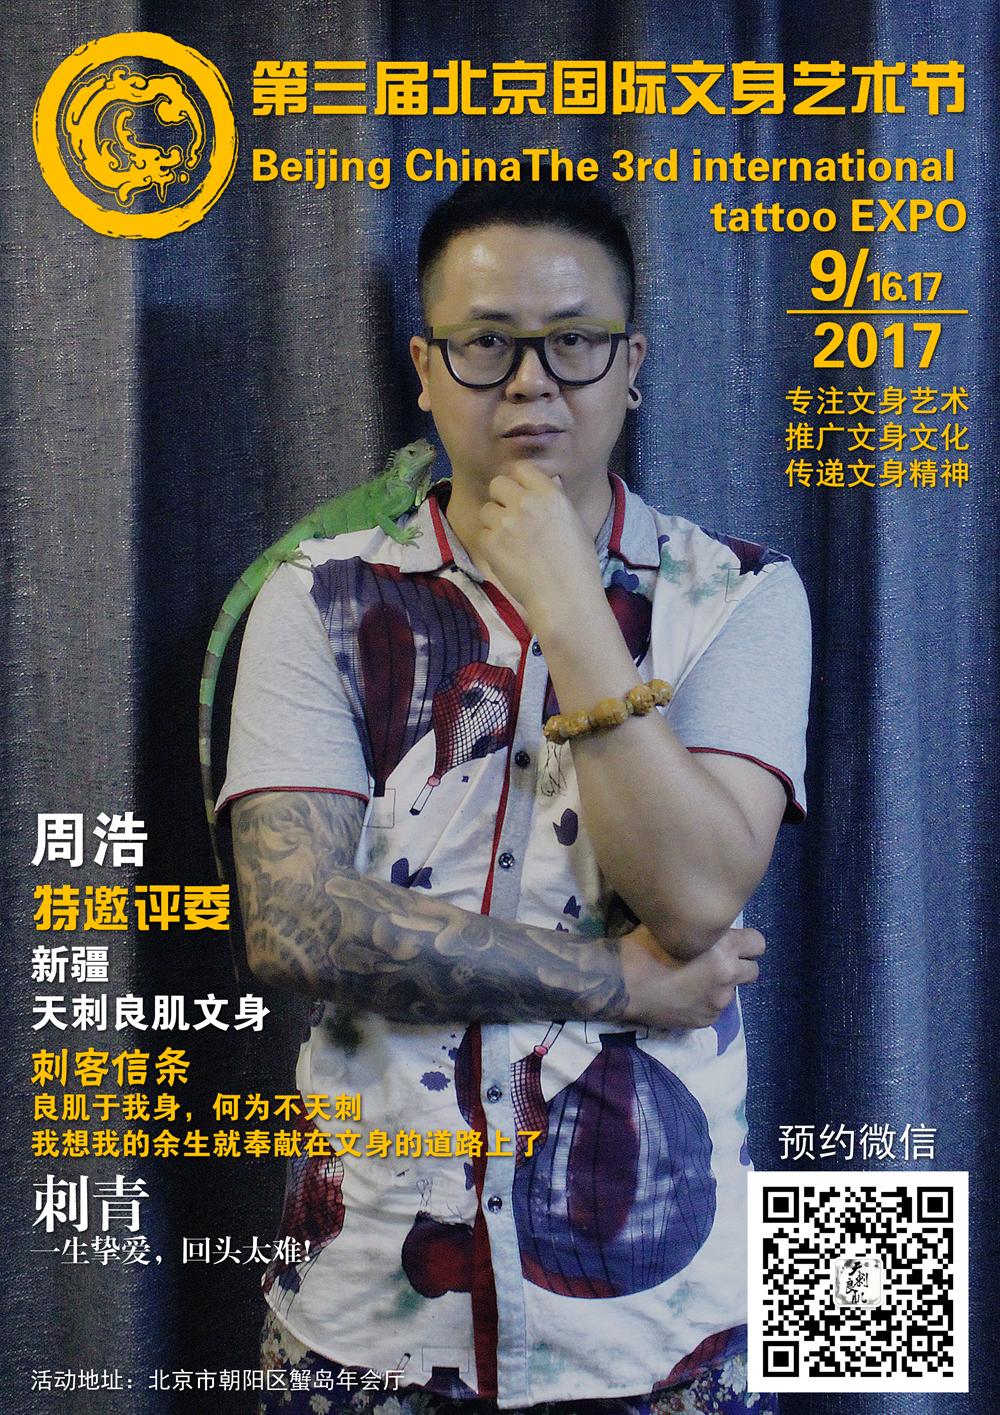 2017年上海秋季国际纹身大赛特邀评委奖杯